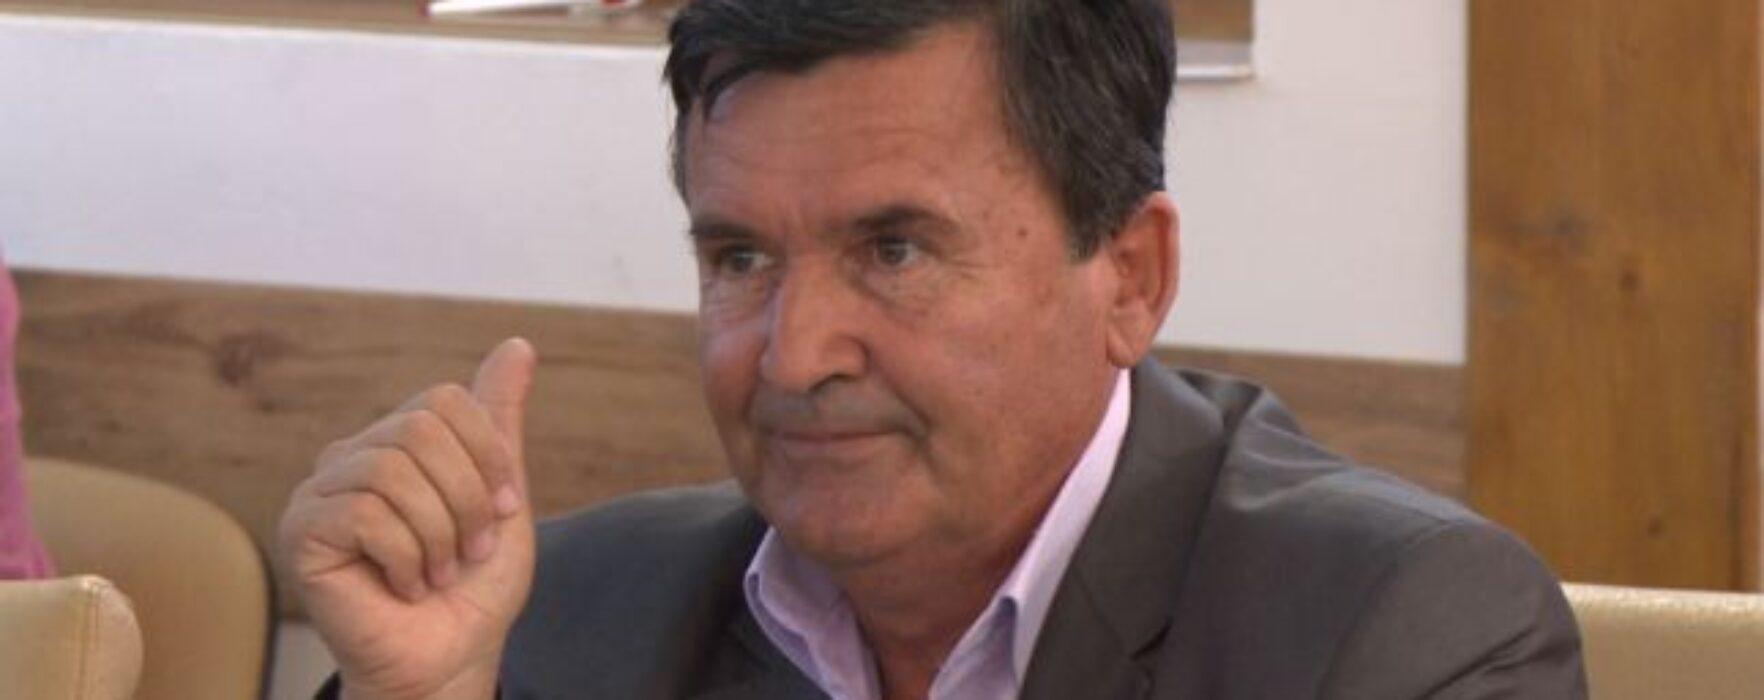 Târgovişte: Avram Iancu pierde procesul cu consiliul local în privința validării mandatului